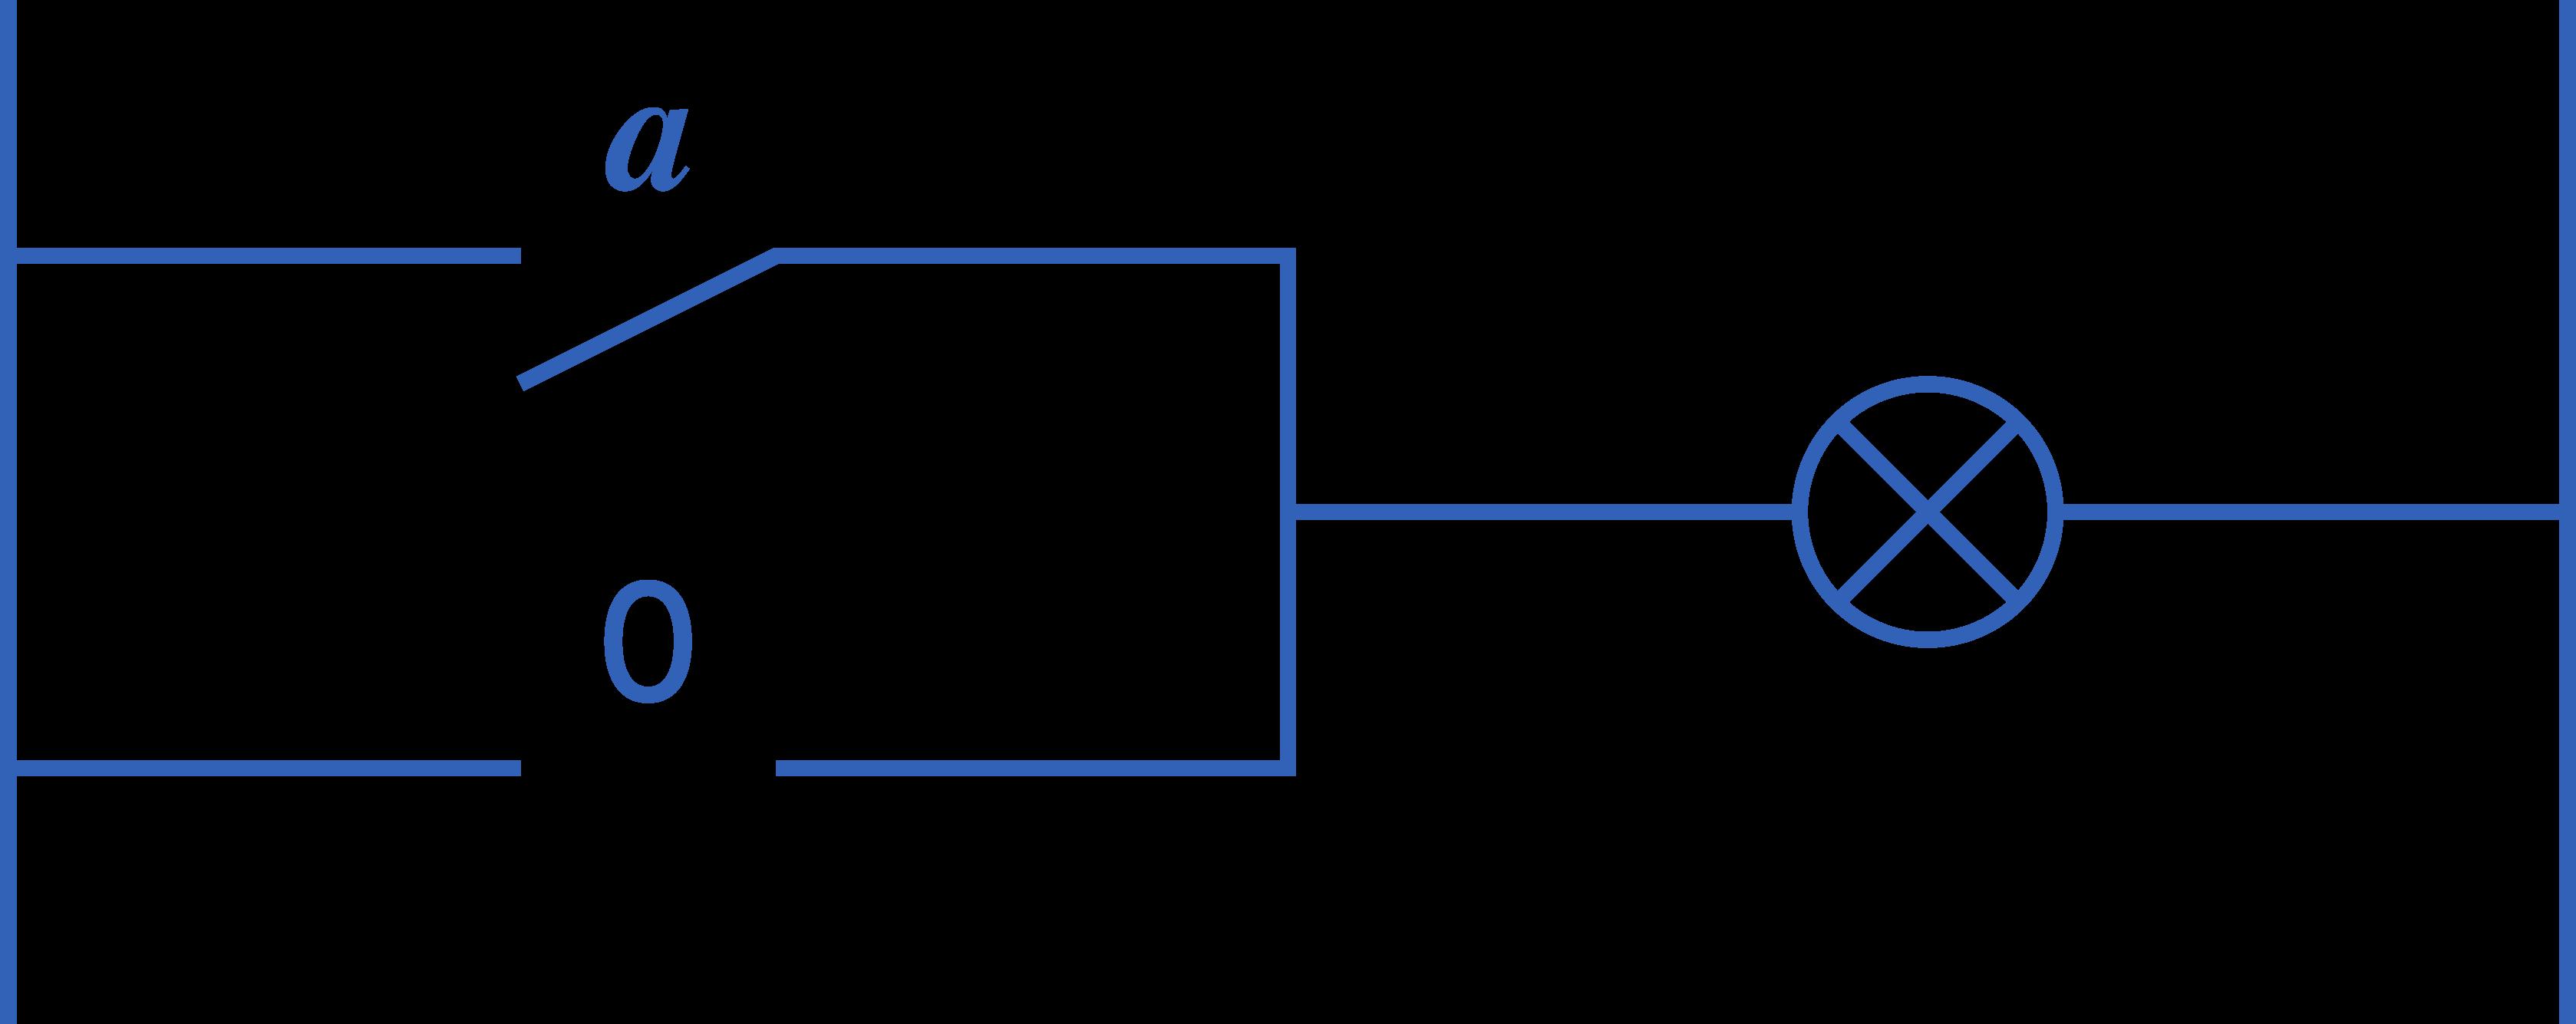 première sciences de l'ingénieur algèbre Boole